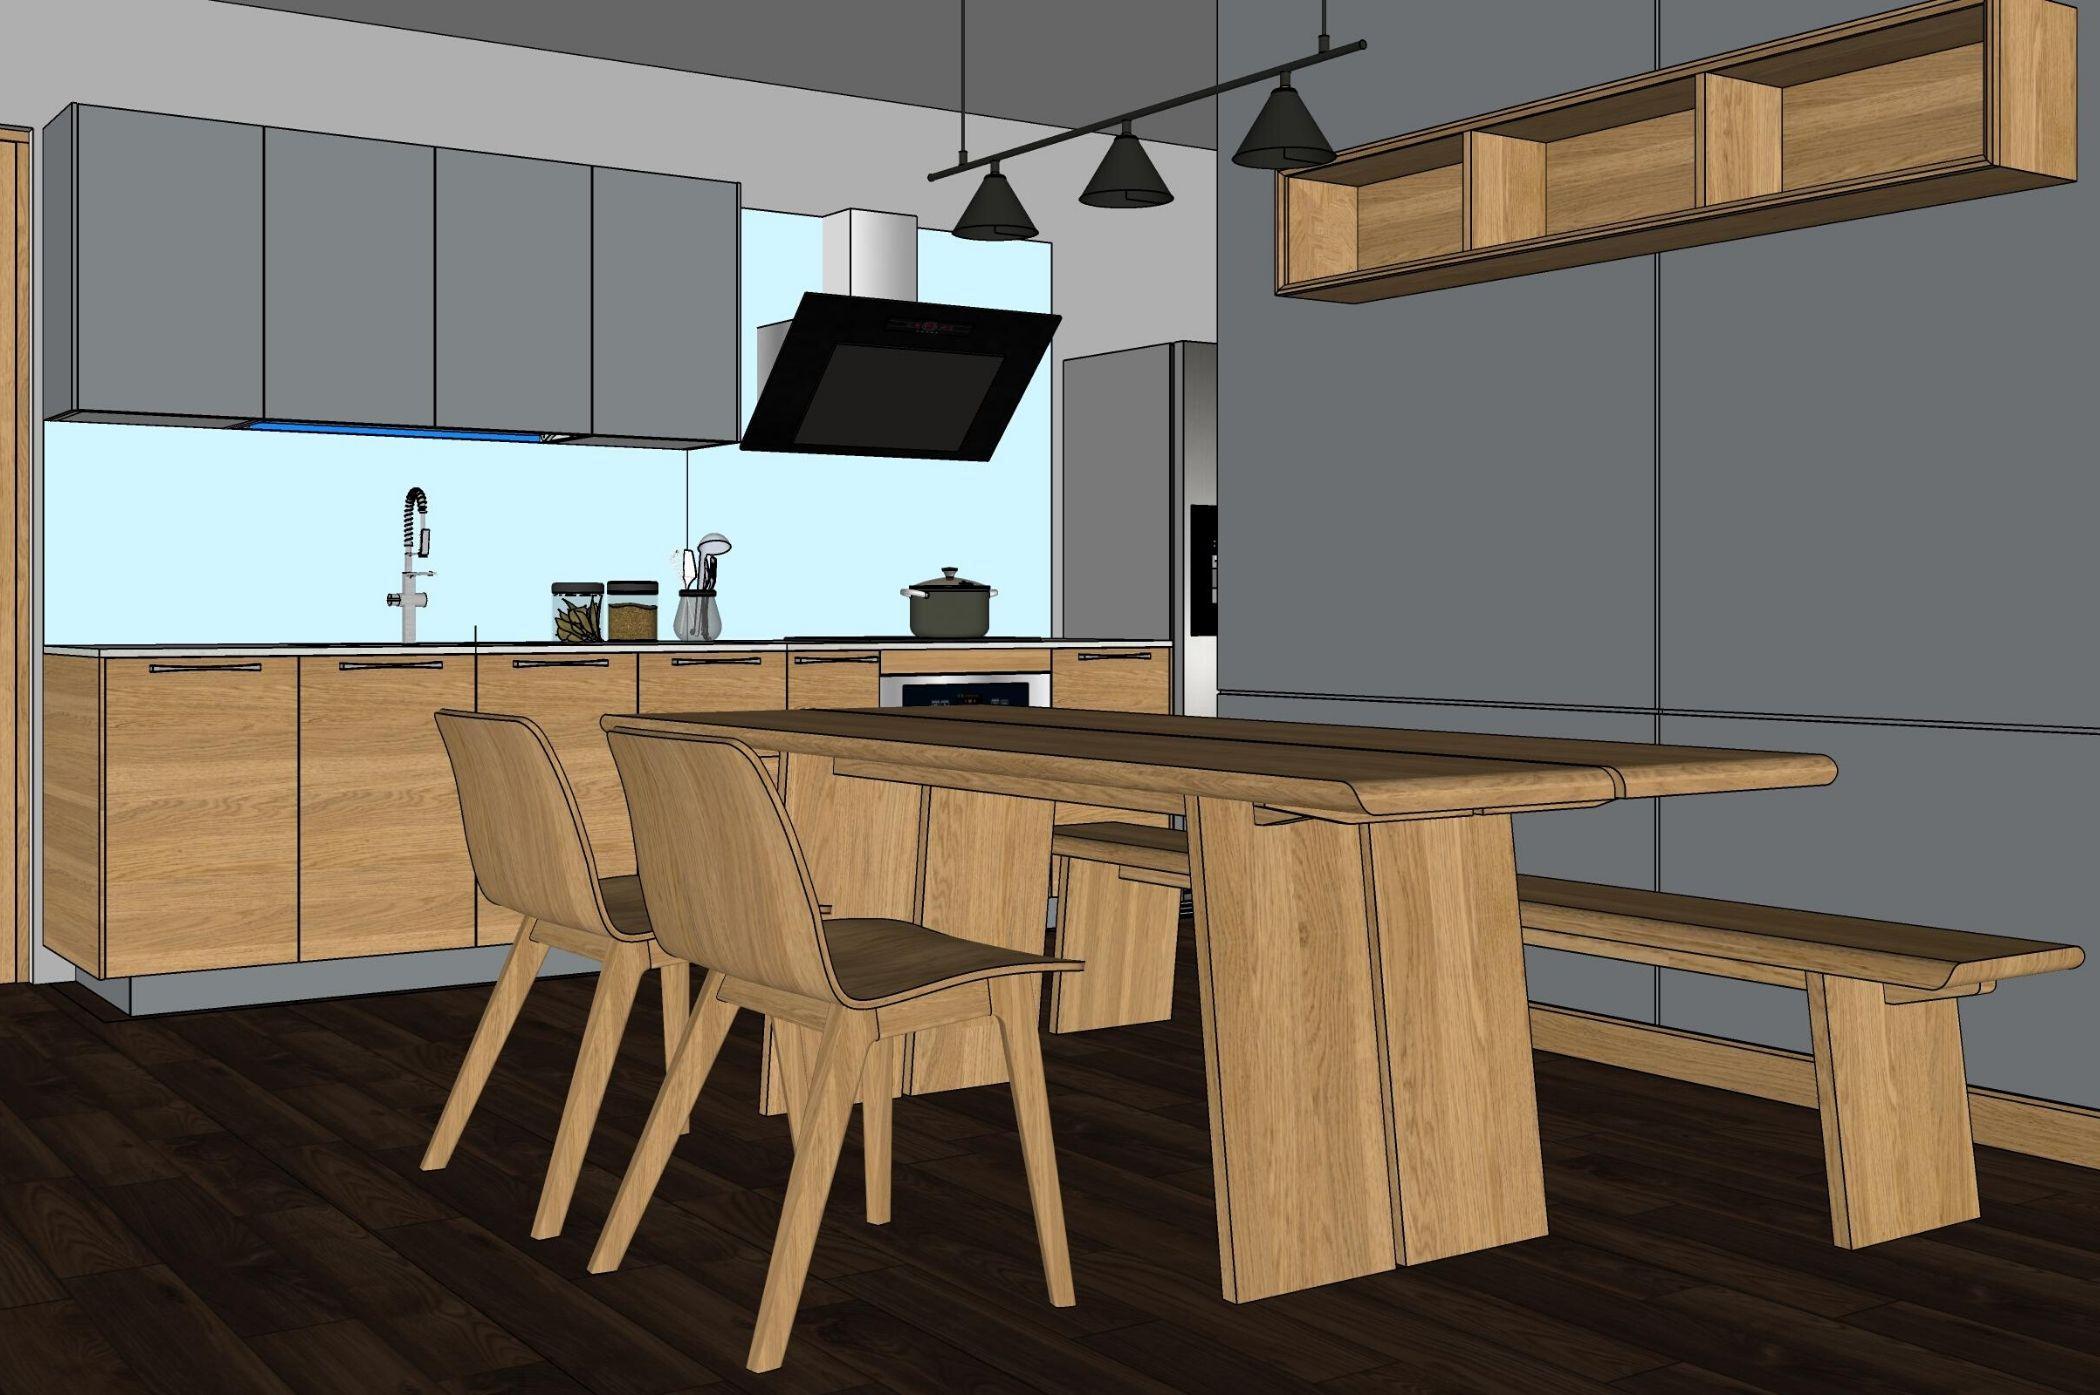 Một bản thiết kế 3D nội thất phòng bếp hoàn chỉnh